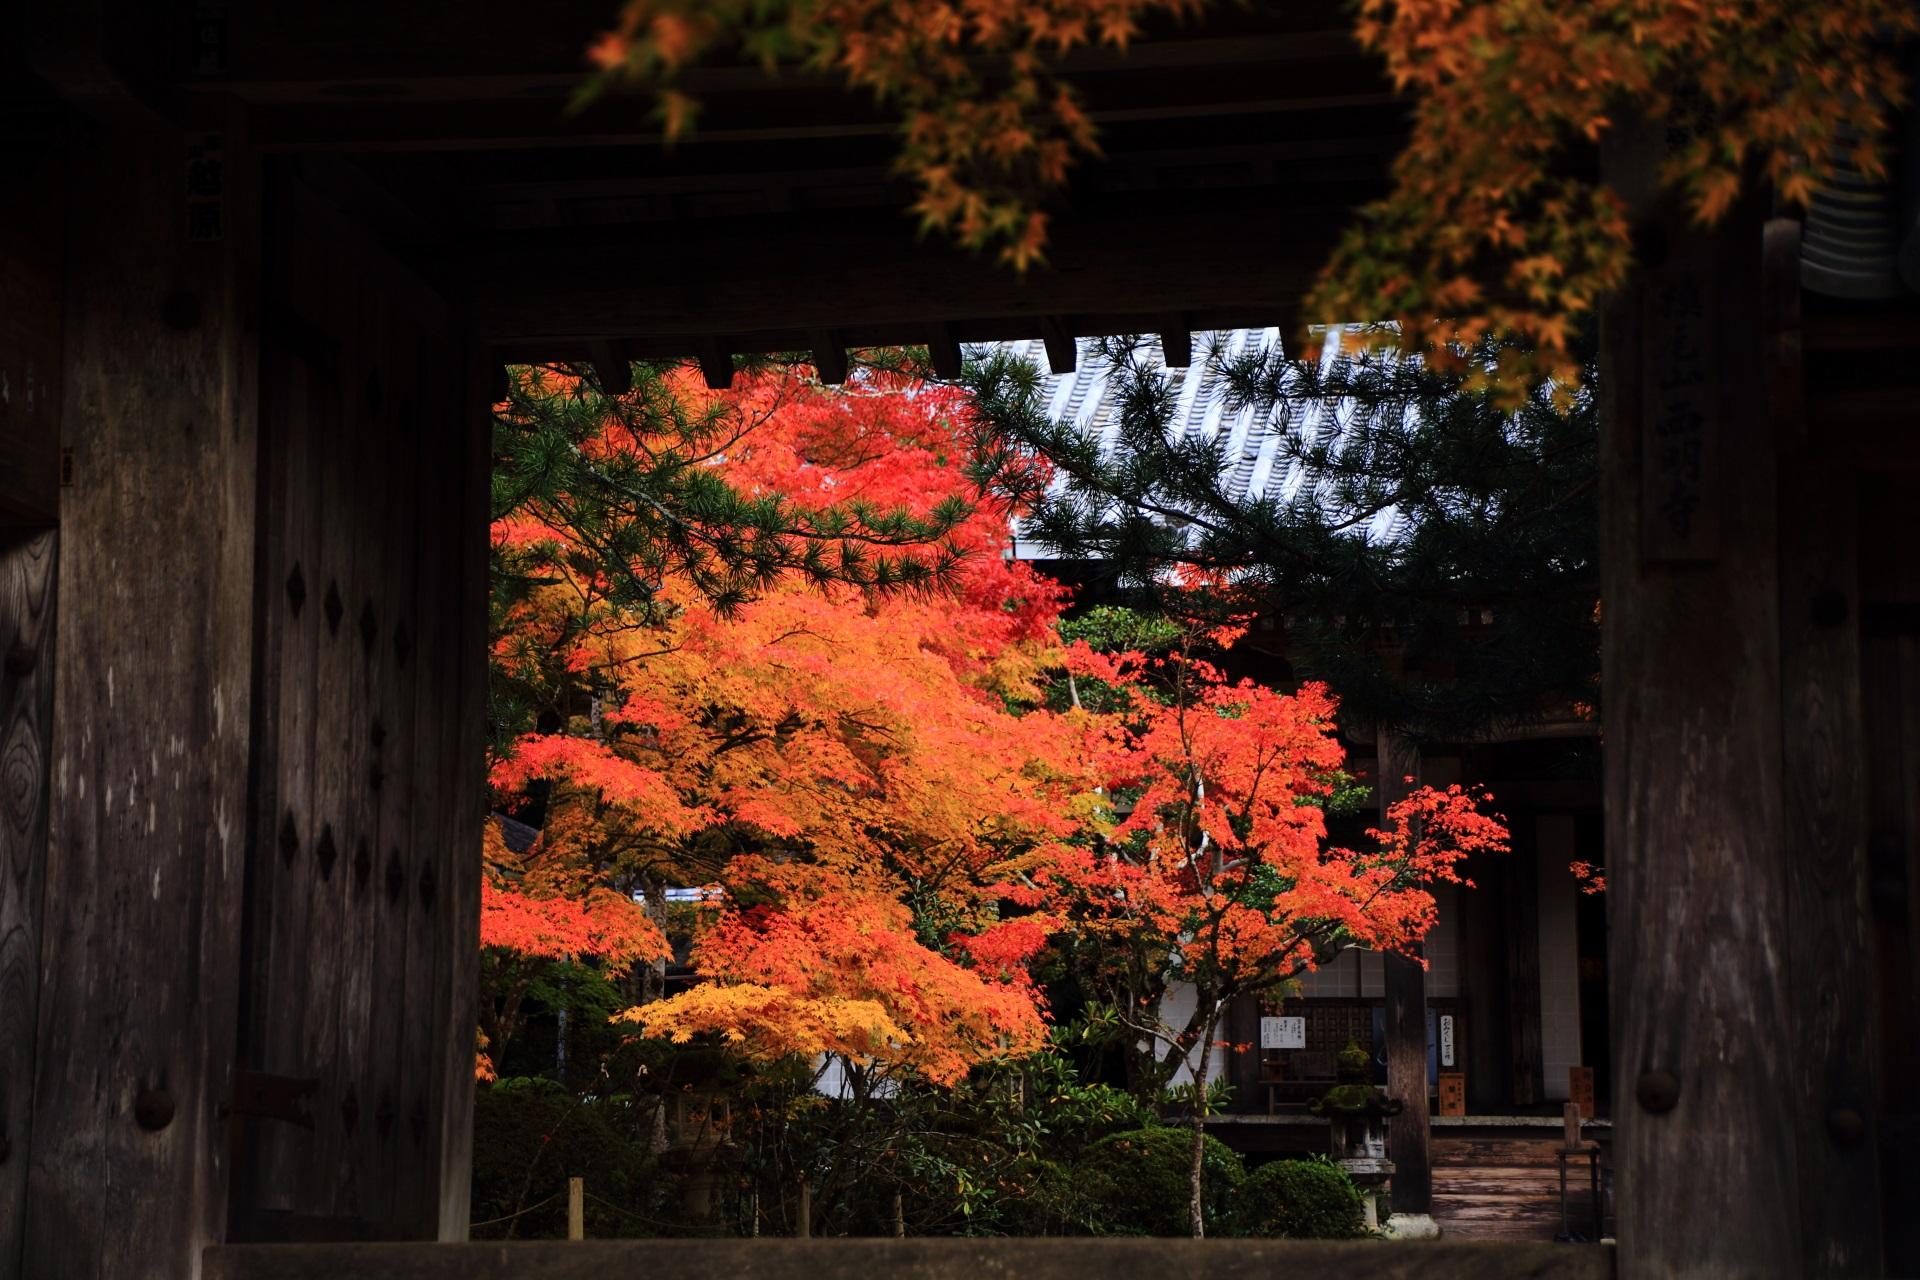 西明寺の落ち着いた境内を彩る艶やかな紅葉